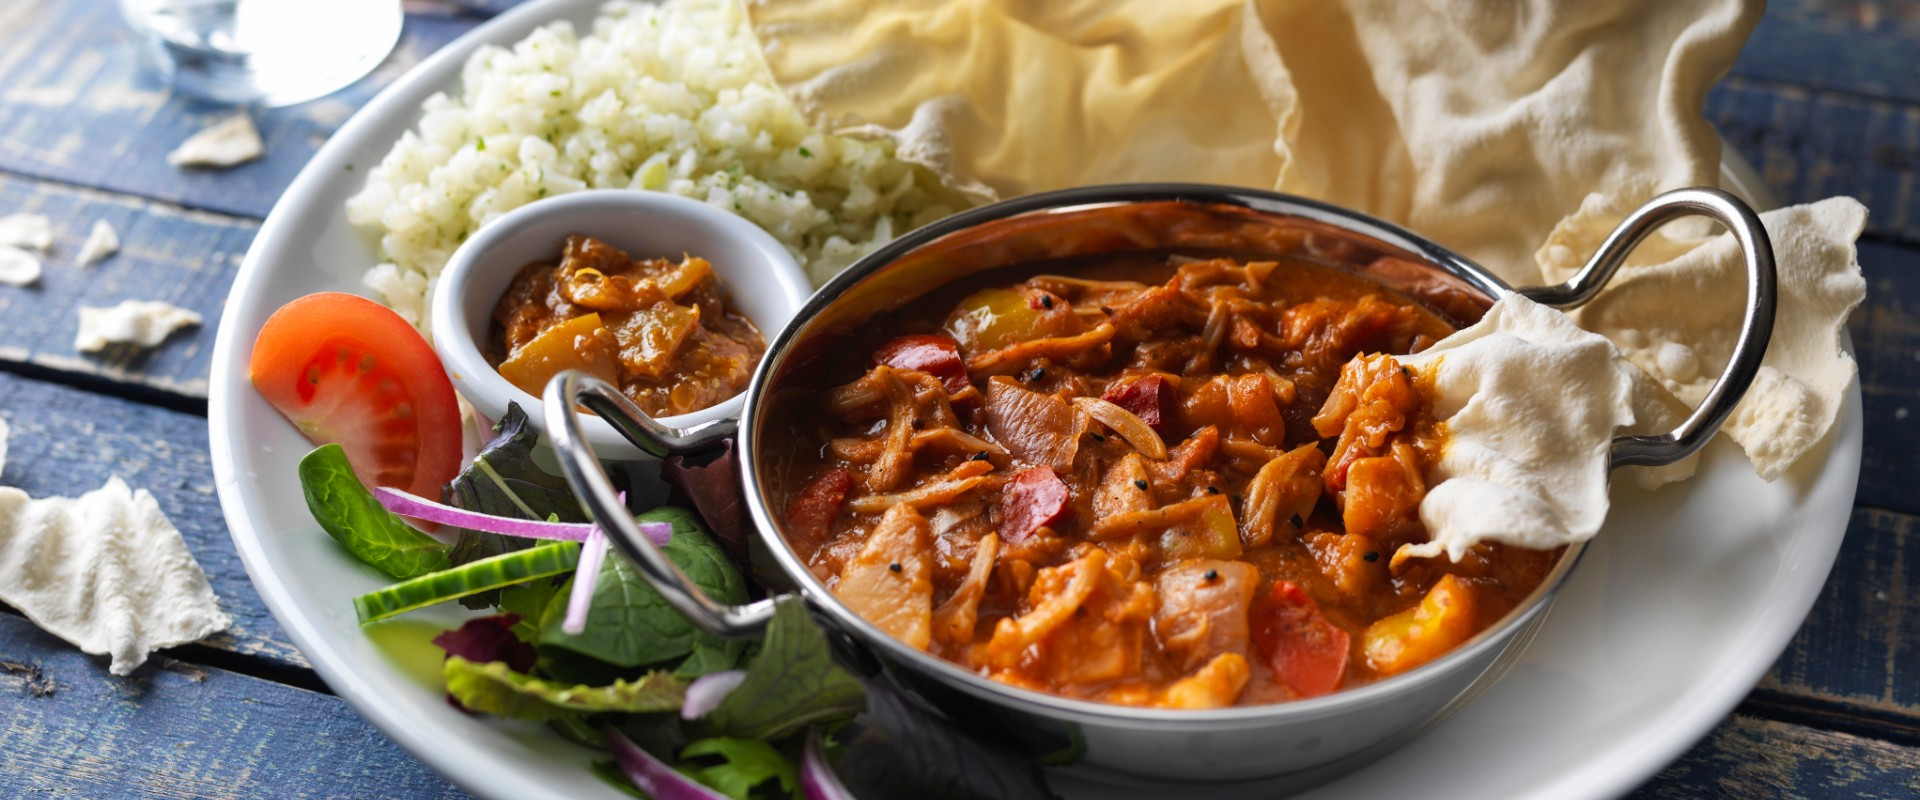 Vegan Curry jackfruit balti